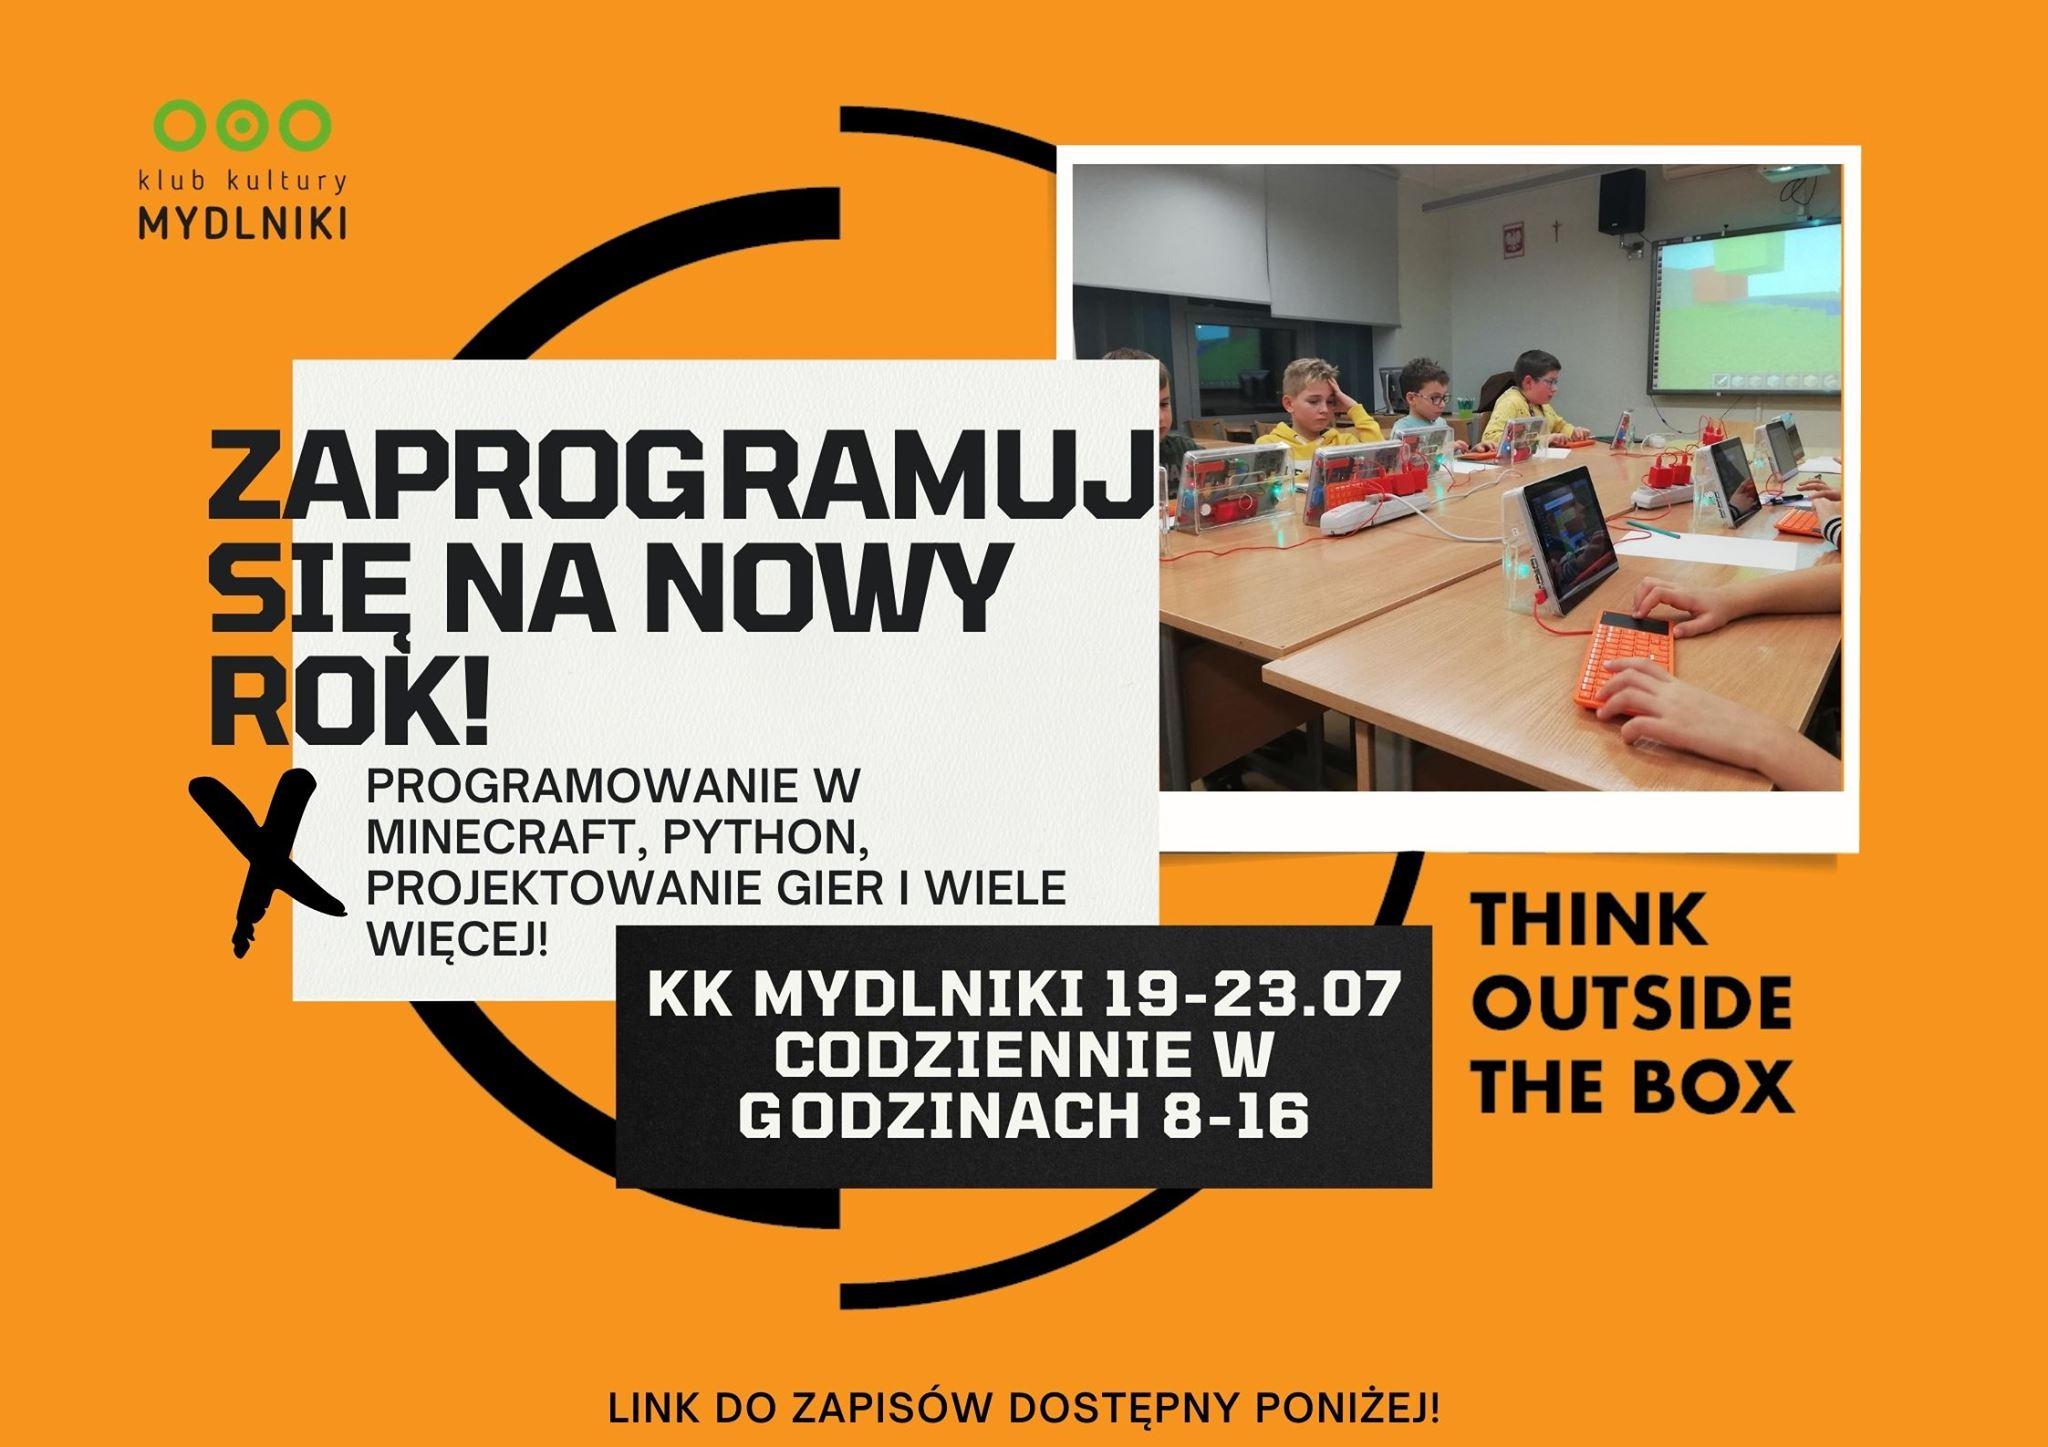 Kurs wakacyjny: ZaproGRAmuj się na nowy rok! KK Mydlniki